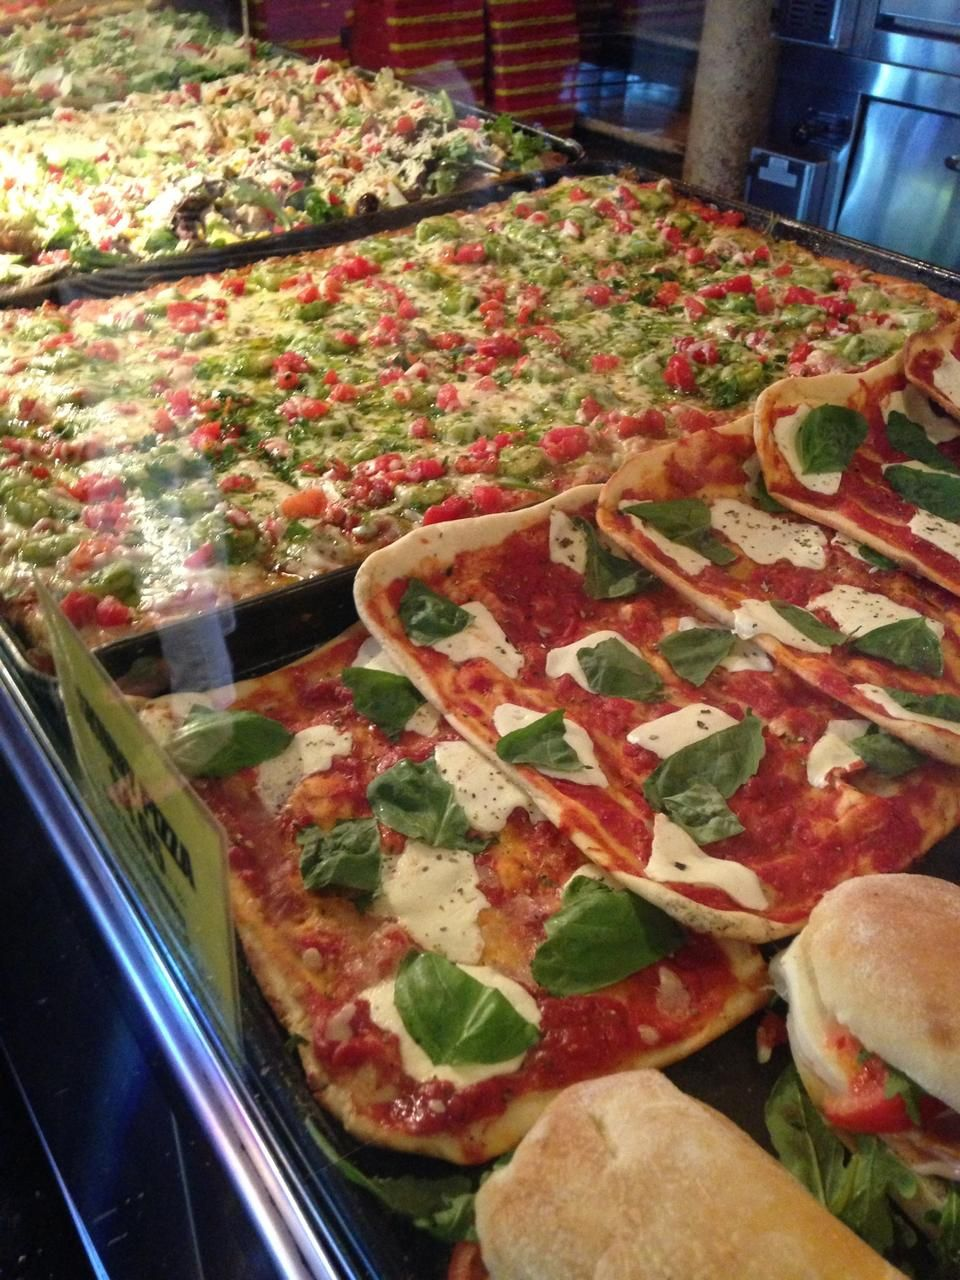 Pizza Rustica 667 Lincoln Rd Miami Beach Fl 33139 Place